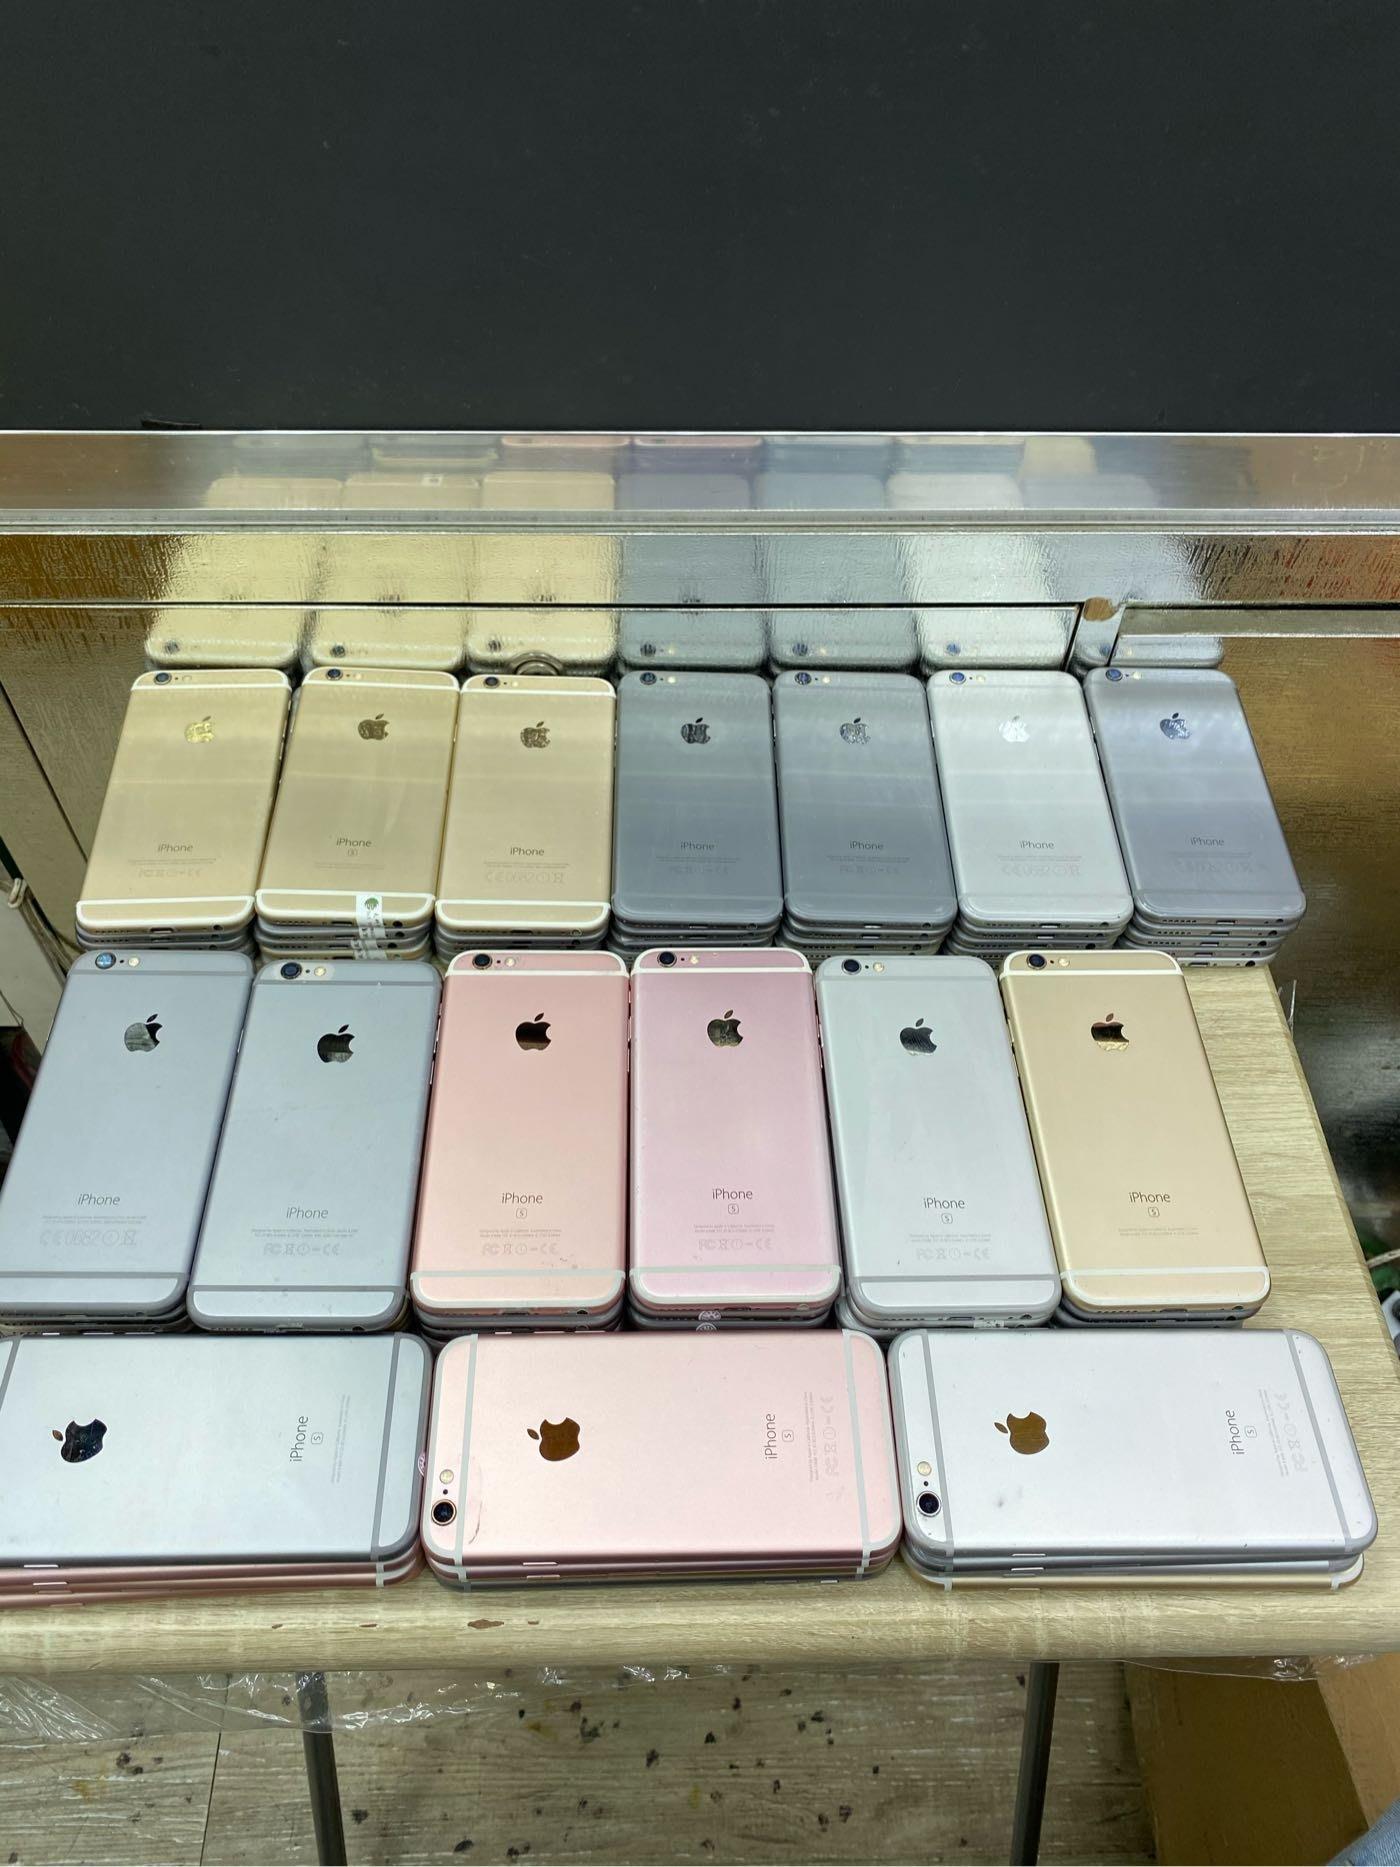 免運實體店面 iPhone 6s 16G 另售 IOS10.3  IOS9 越獄版本 5s i6 SE 16G 32G 64G i7 32G 128G i8